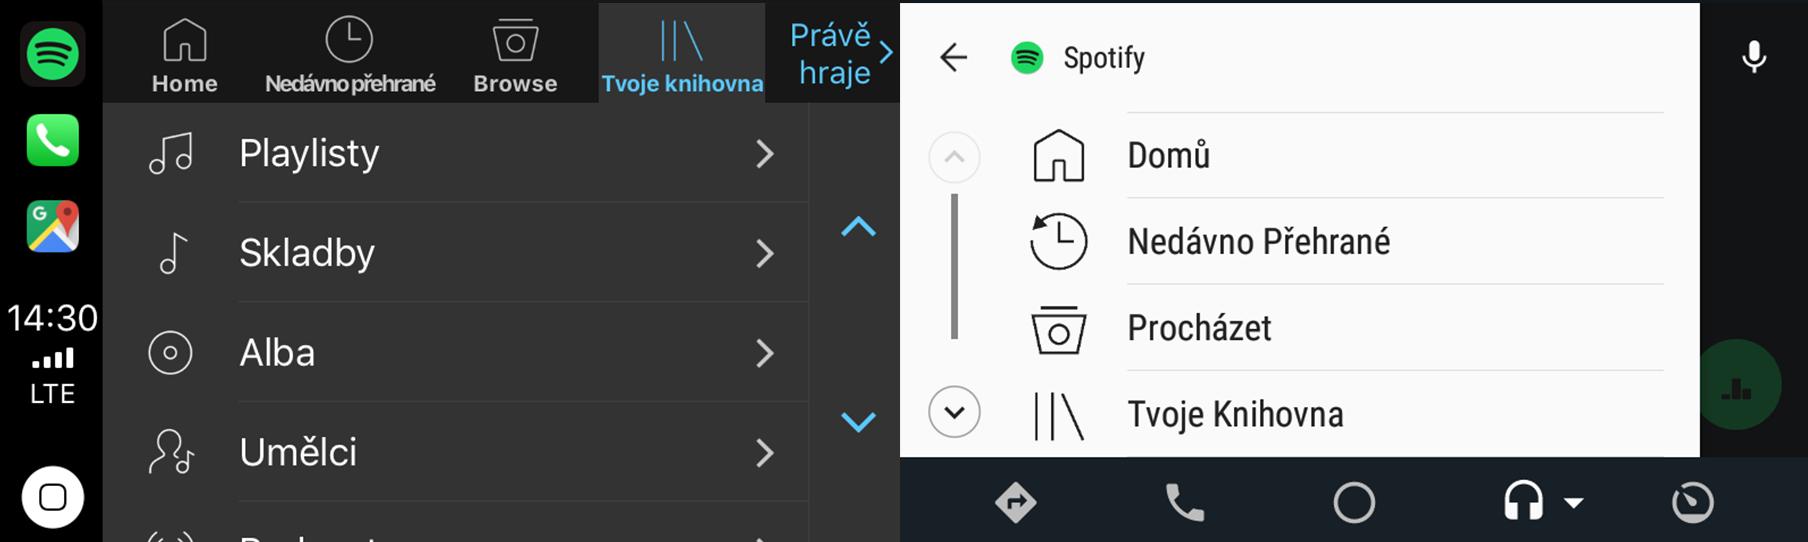 Spotify - menu